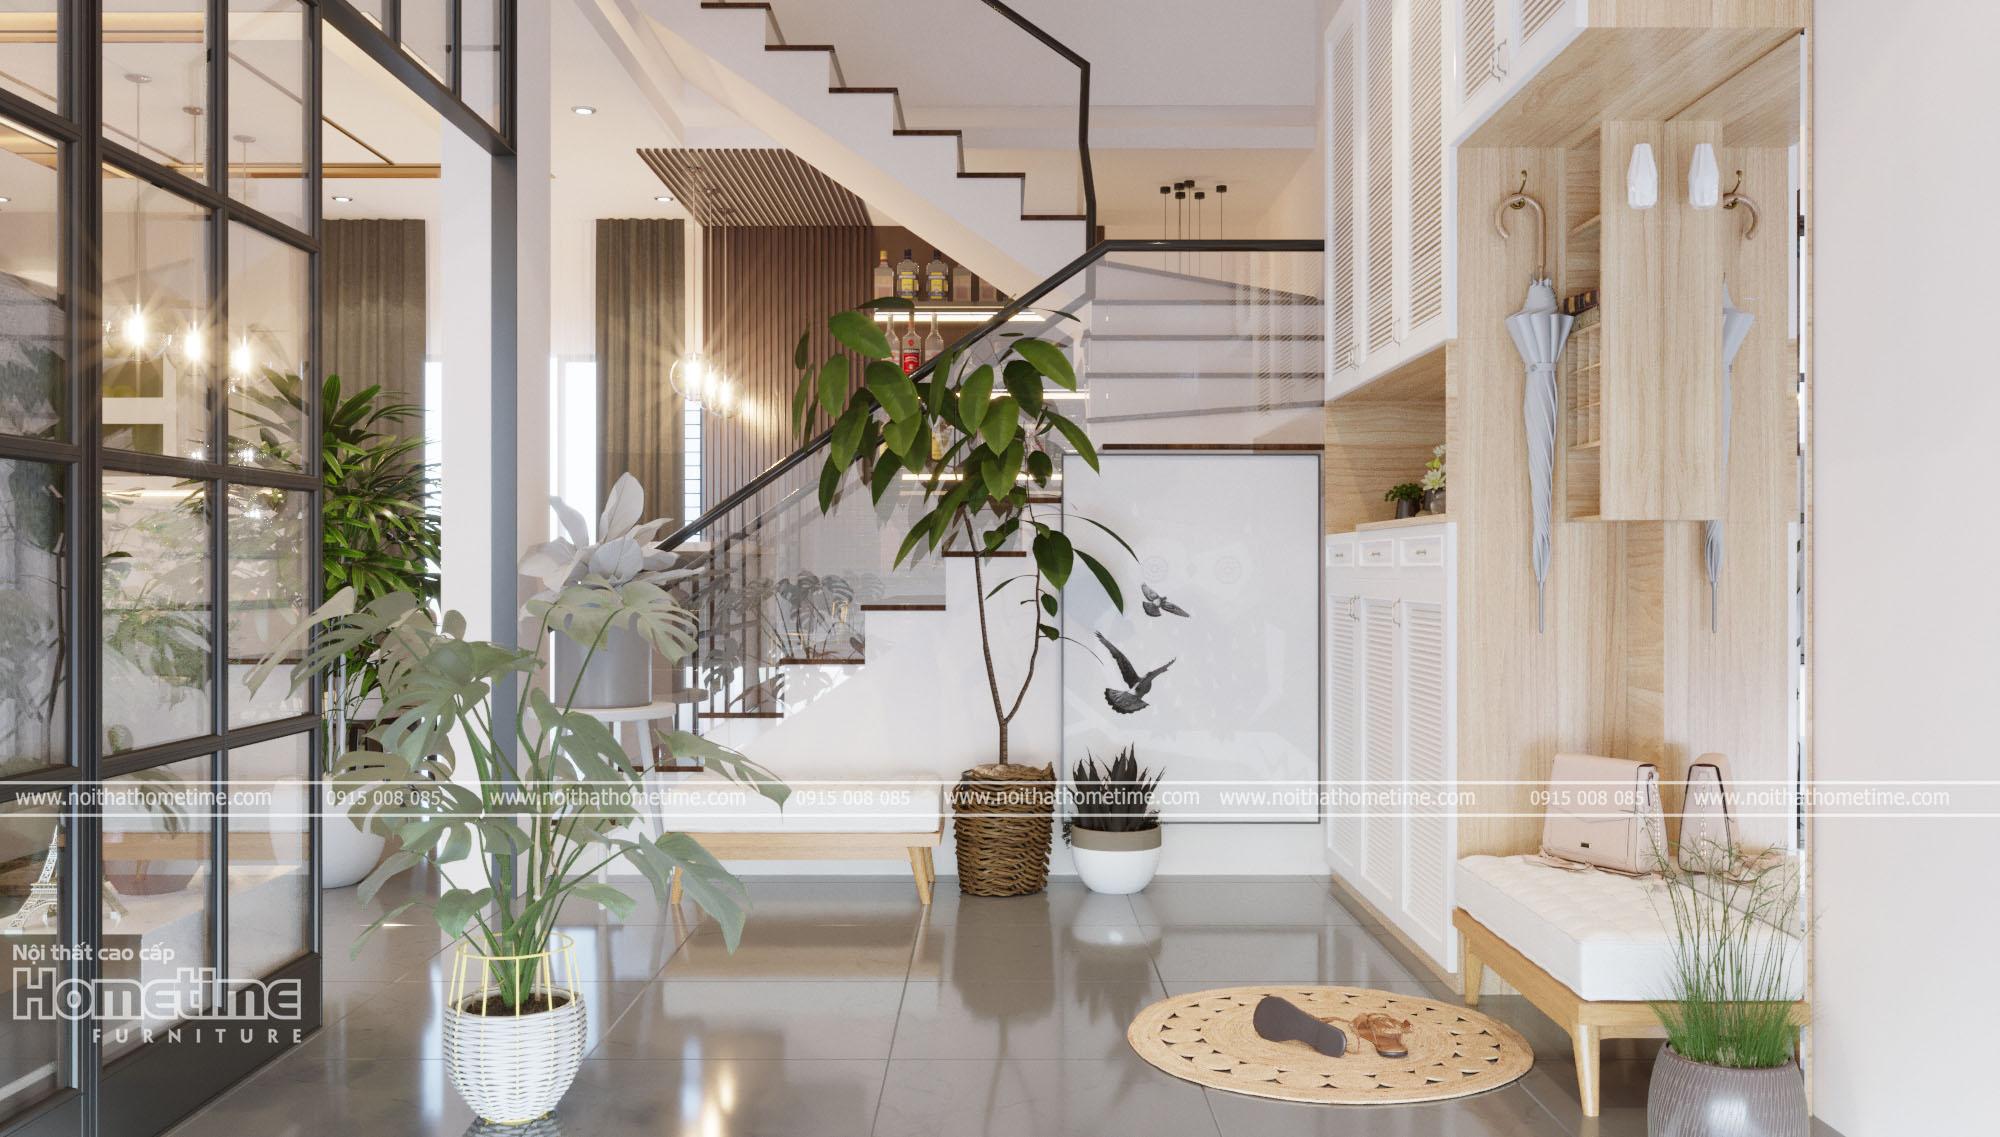 Thiết kế nội thất đẹp - Kệ trang trí kết hợp tủ giày